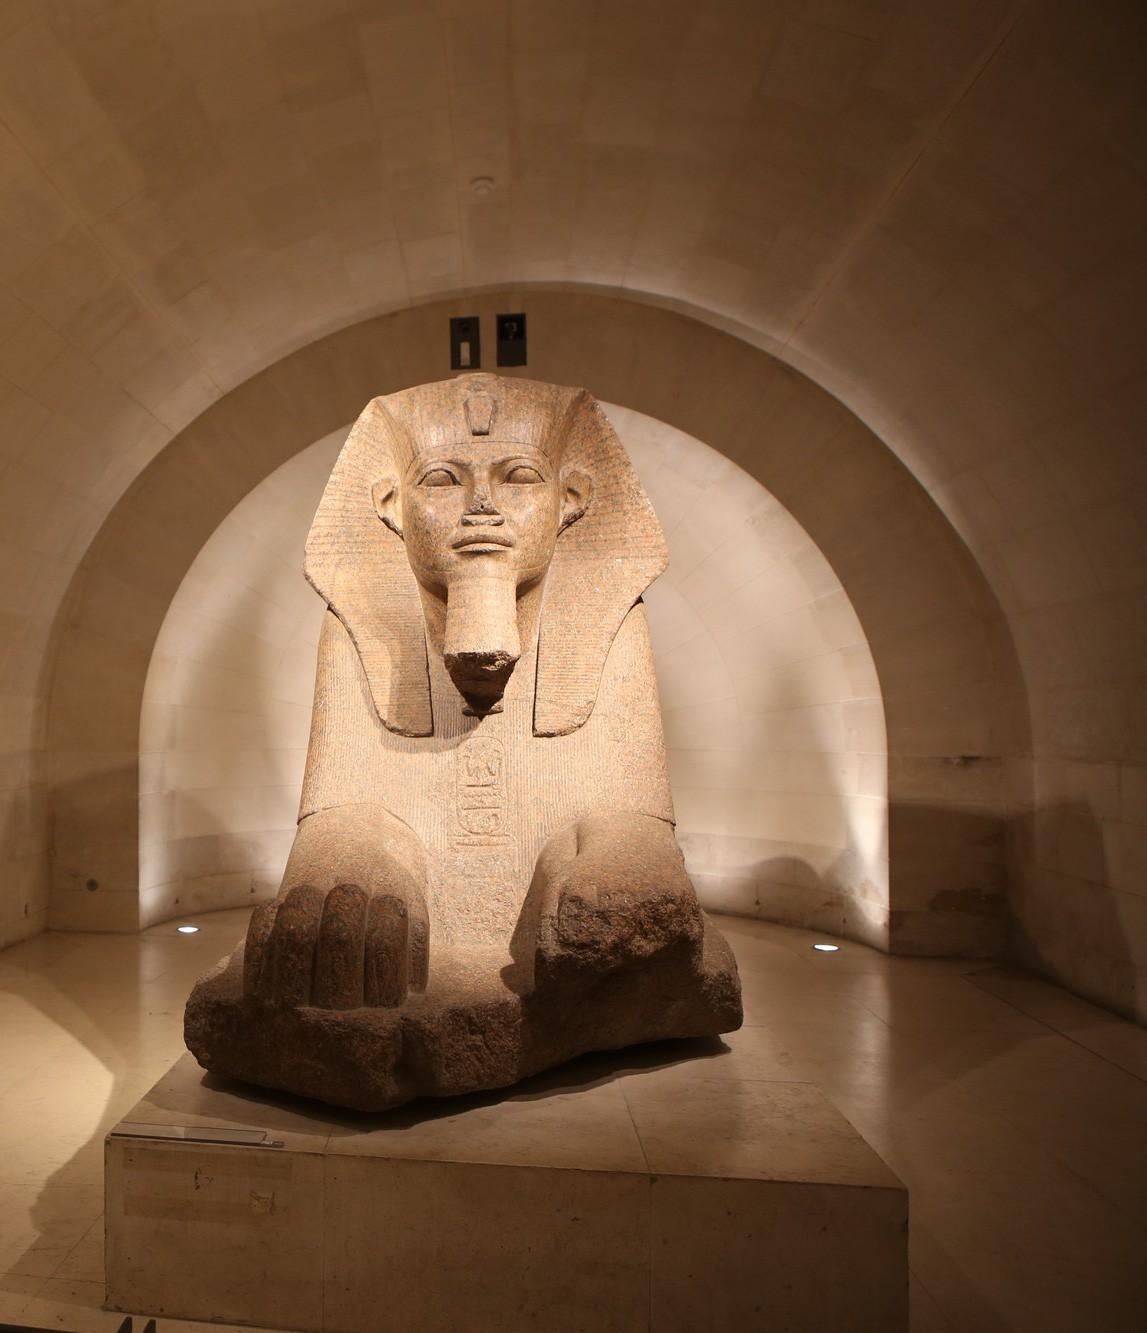 Những điều thú vị về bảo tàng Louvre - 11